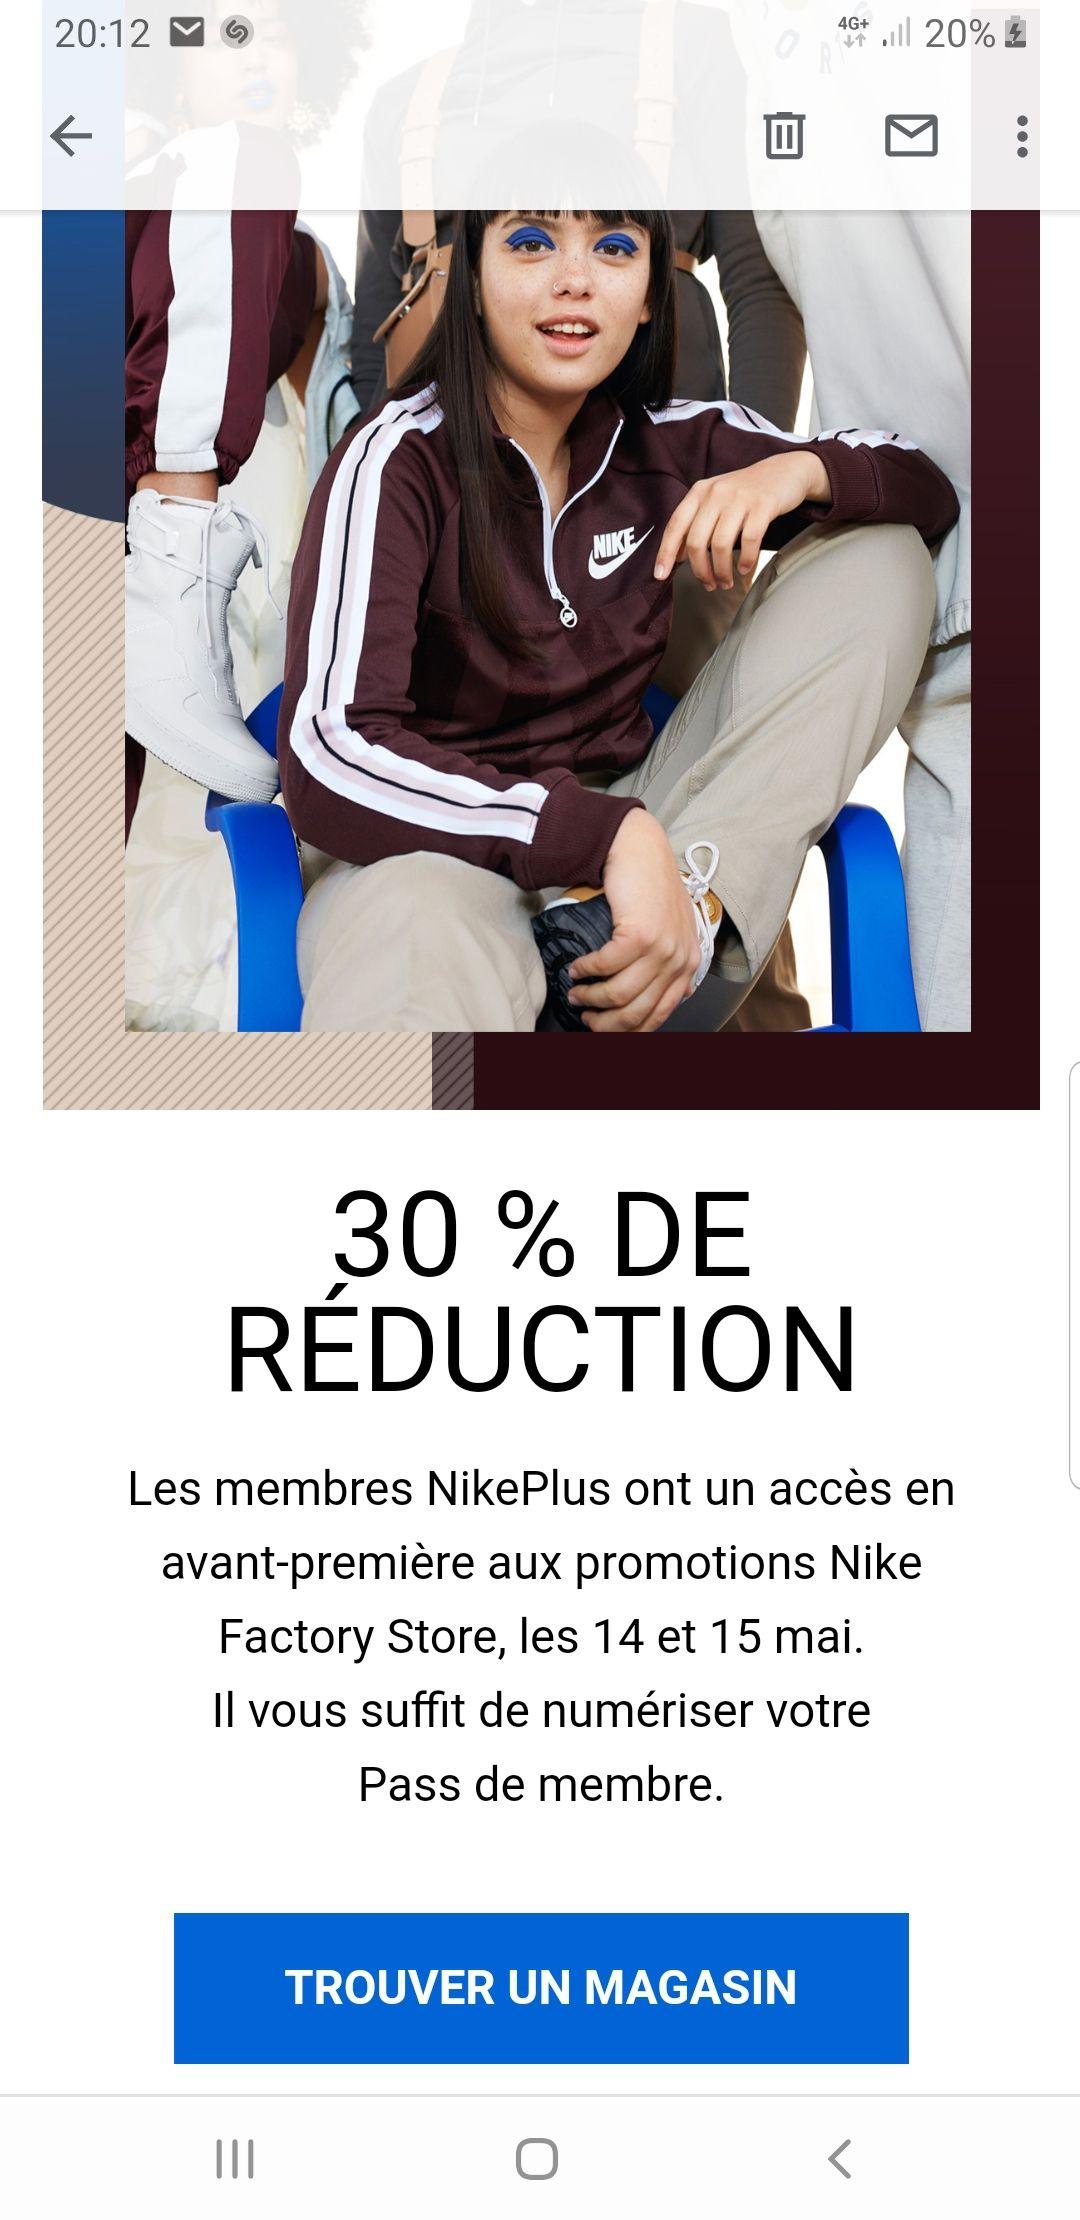 [Membres Nike+] 30% de réduction dans les magasins Nike Factory Store